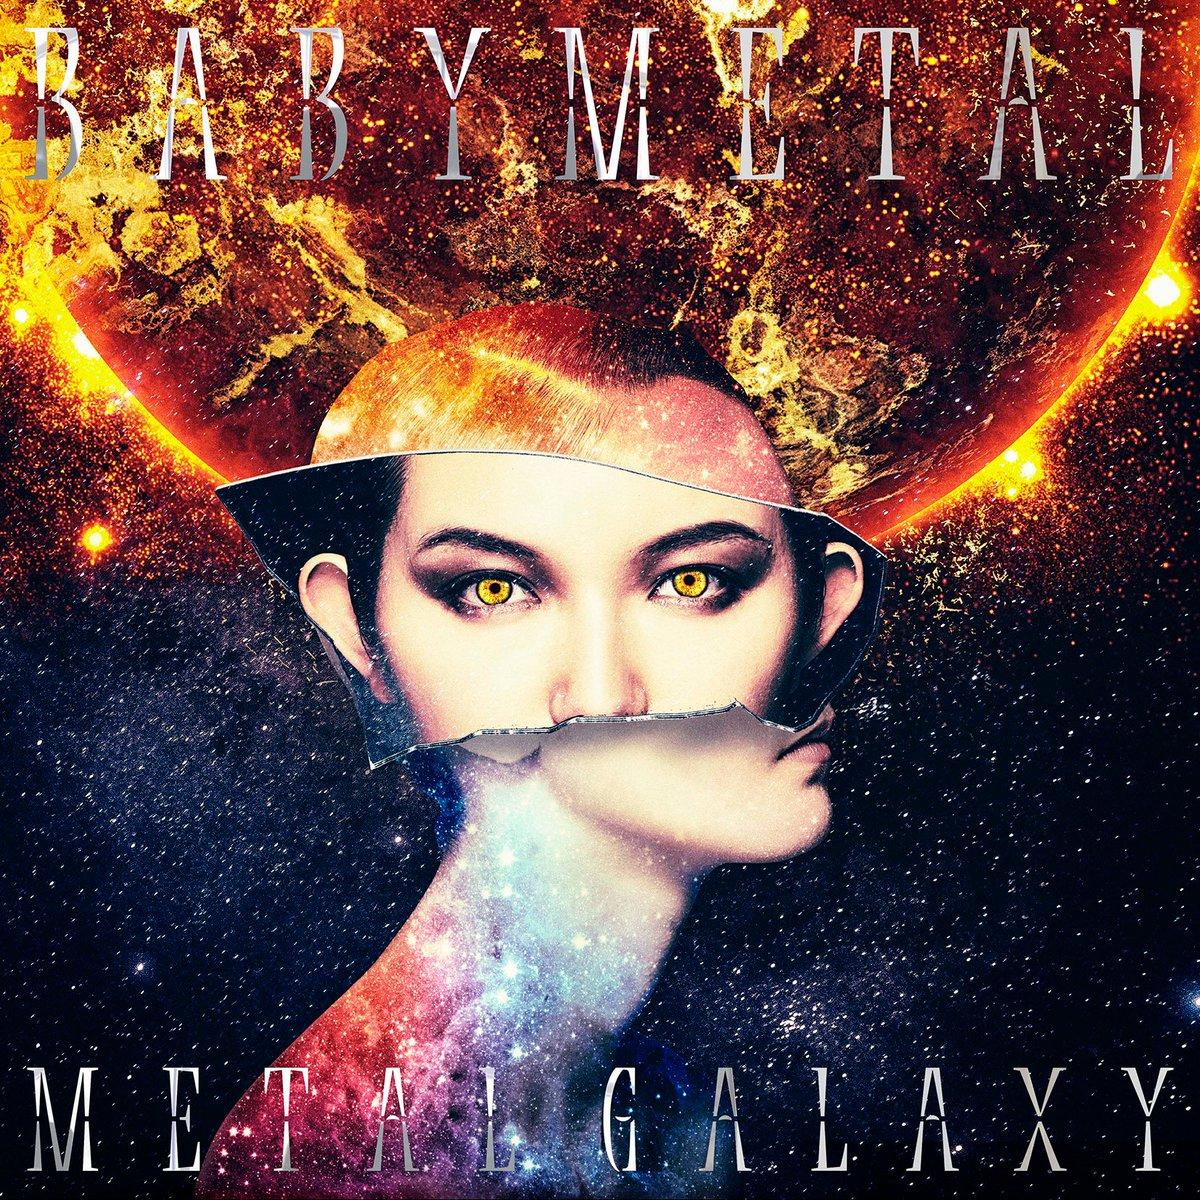 #BABYMETAL #METALGALAXY #SUN #MOON